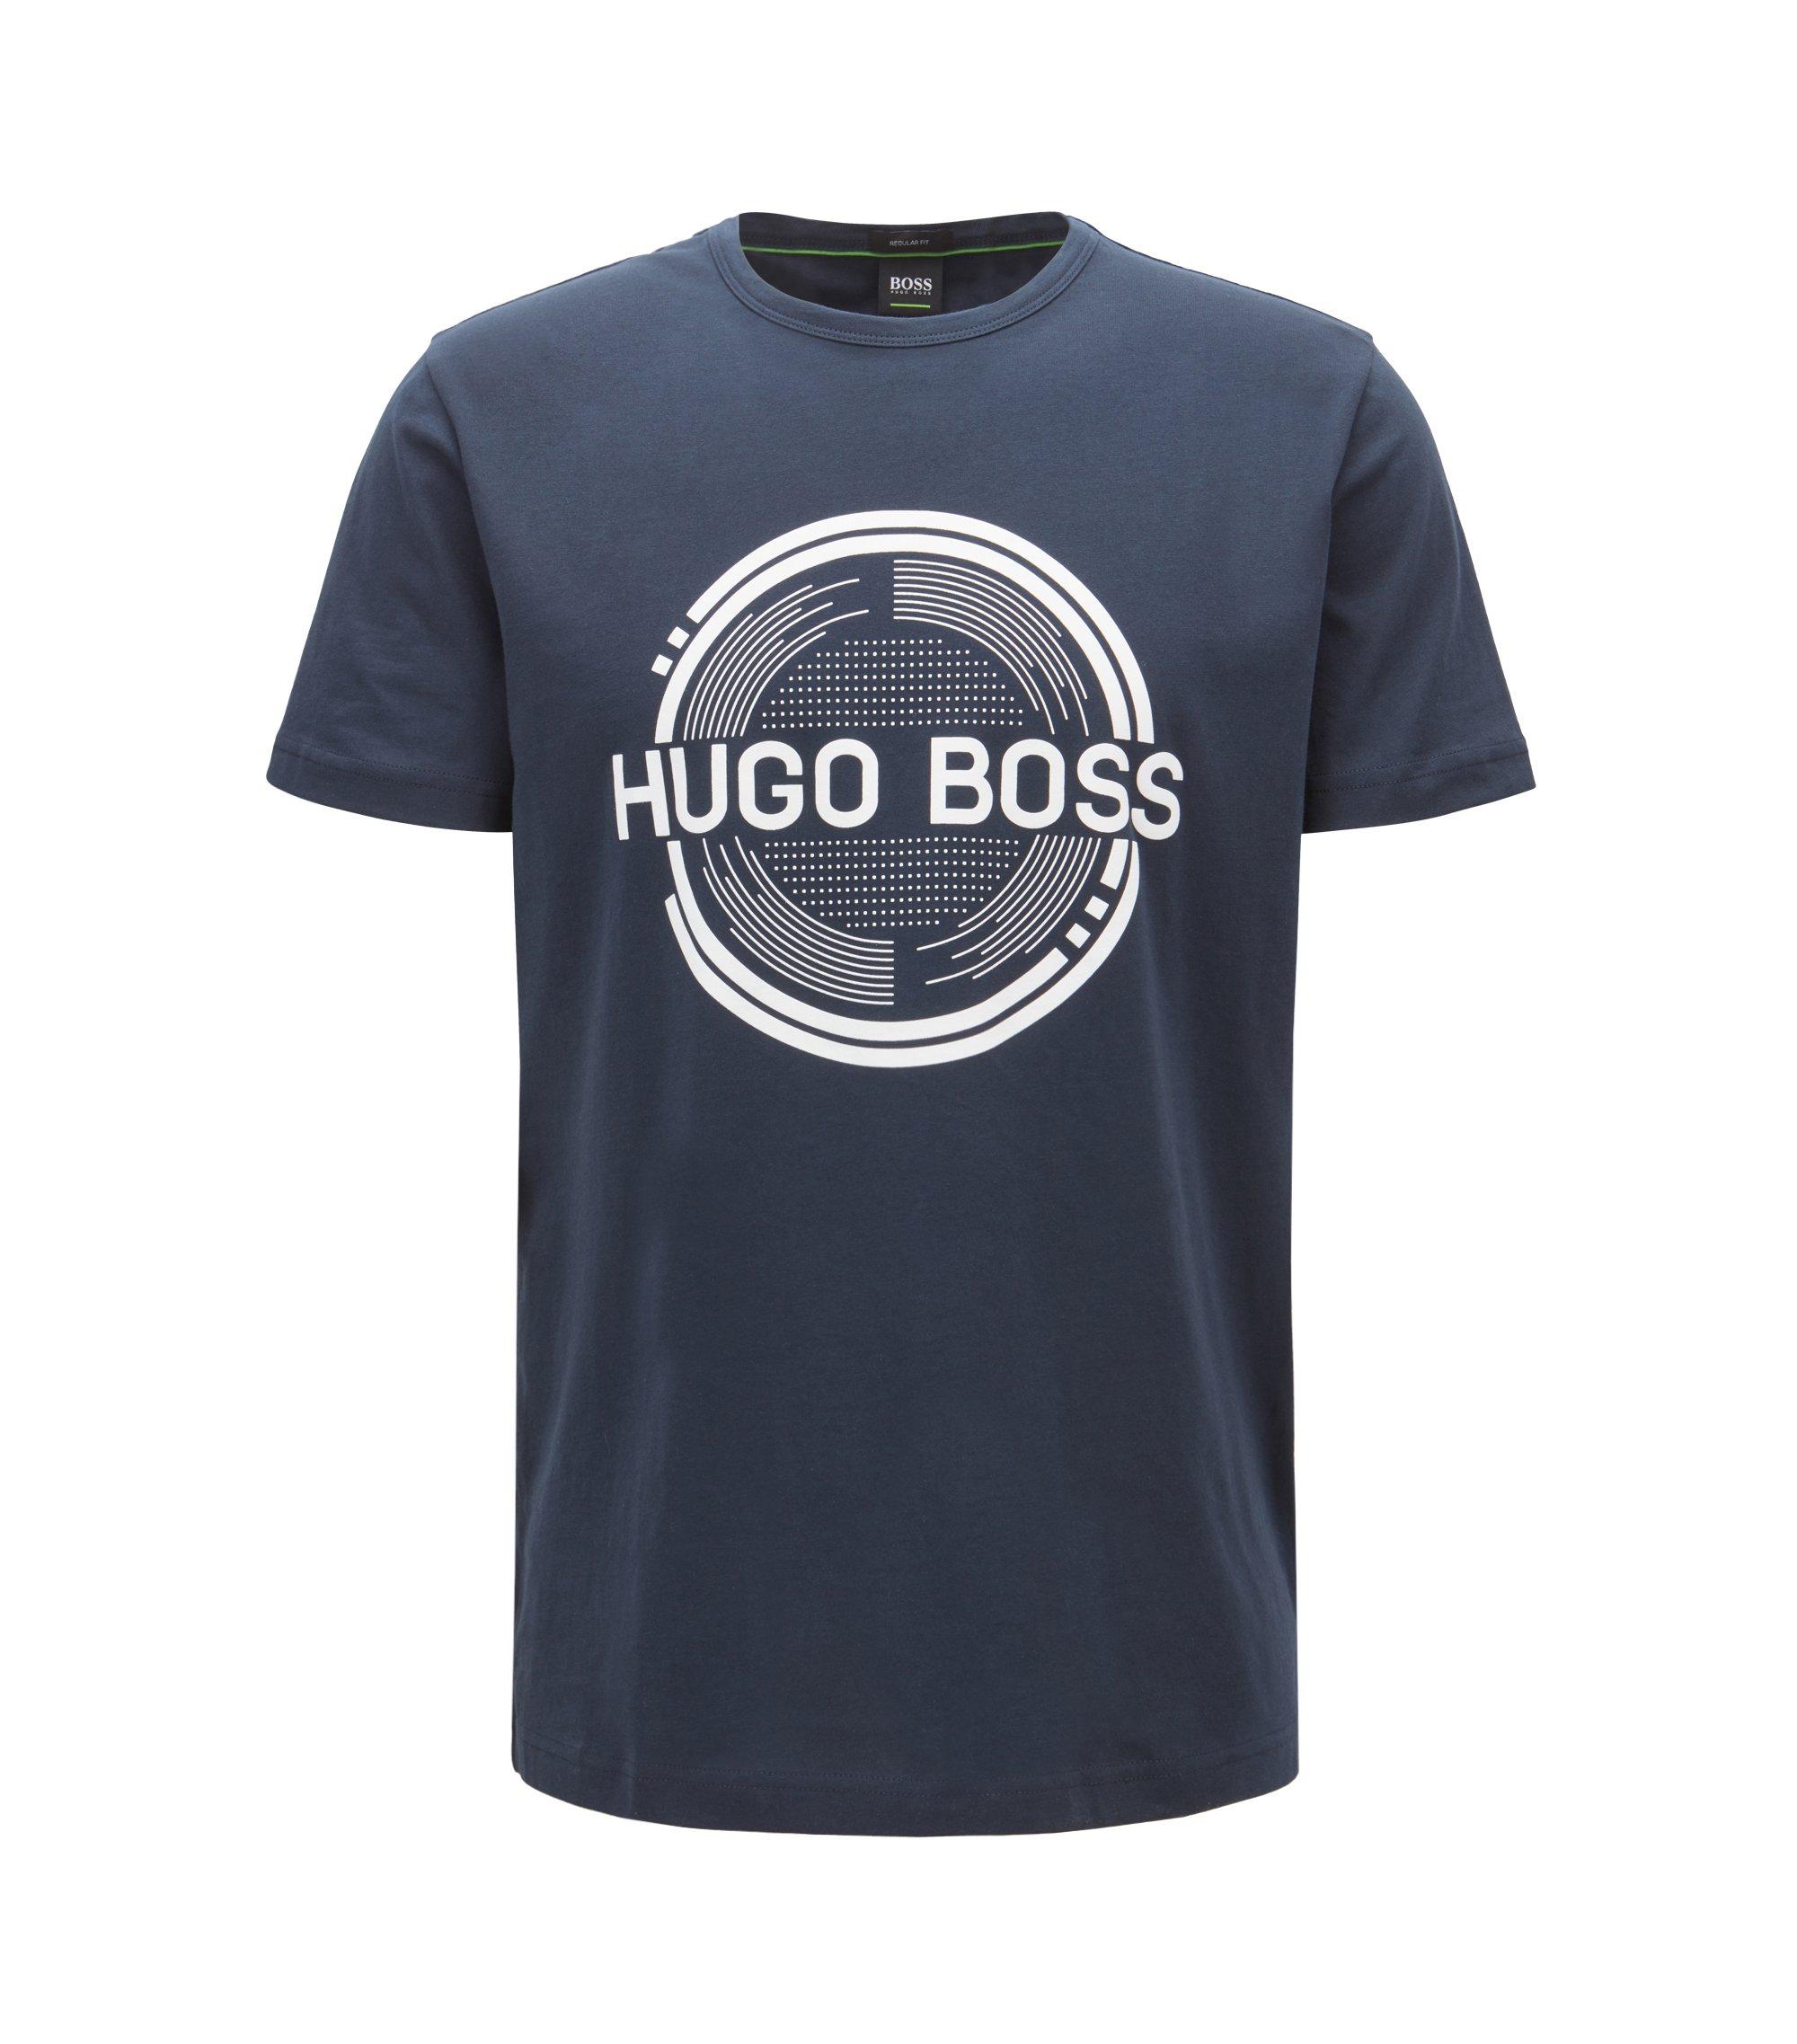 Camiseta estampada de manga corta, confeccionada en tejido de punto sencillo de algodón, Azul oscuro